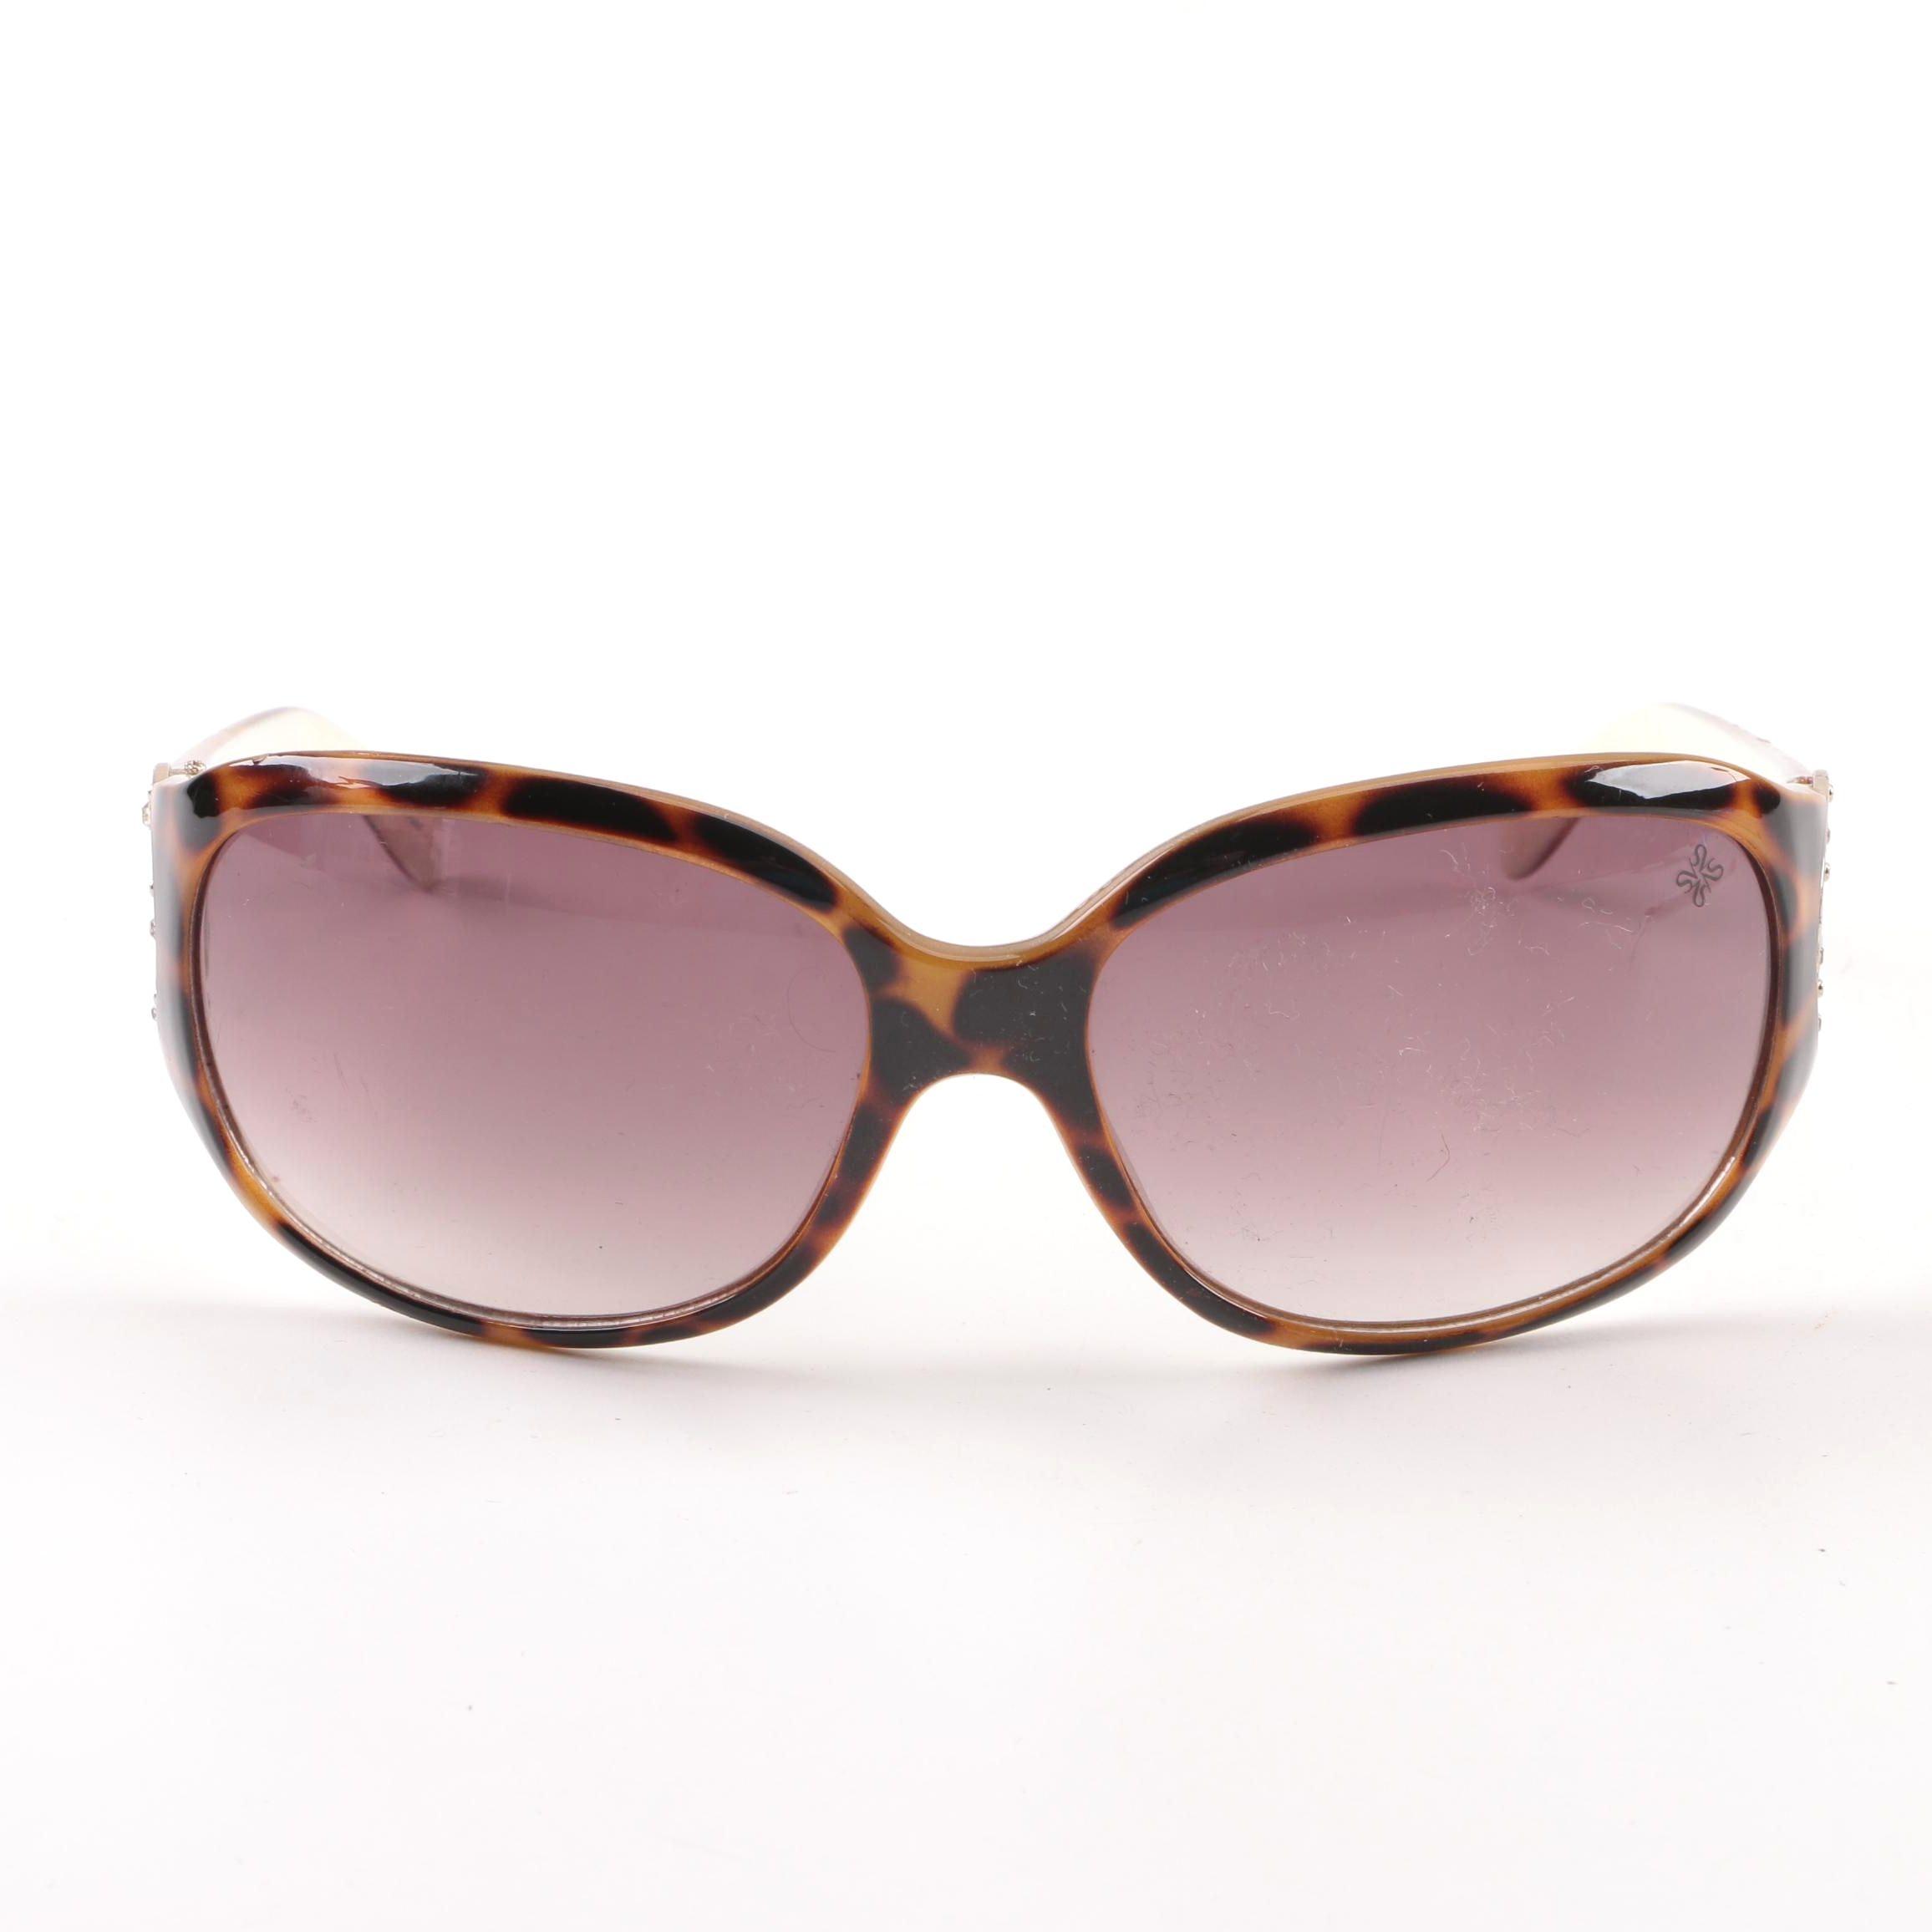 Vera Wang Simply Vera Tortoiseshell Style Sunglasses